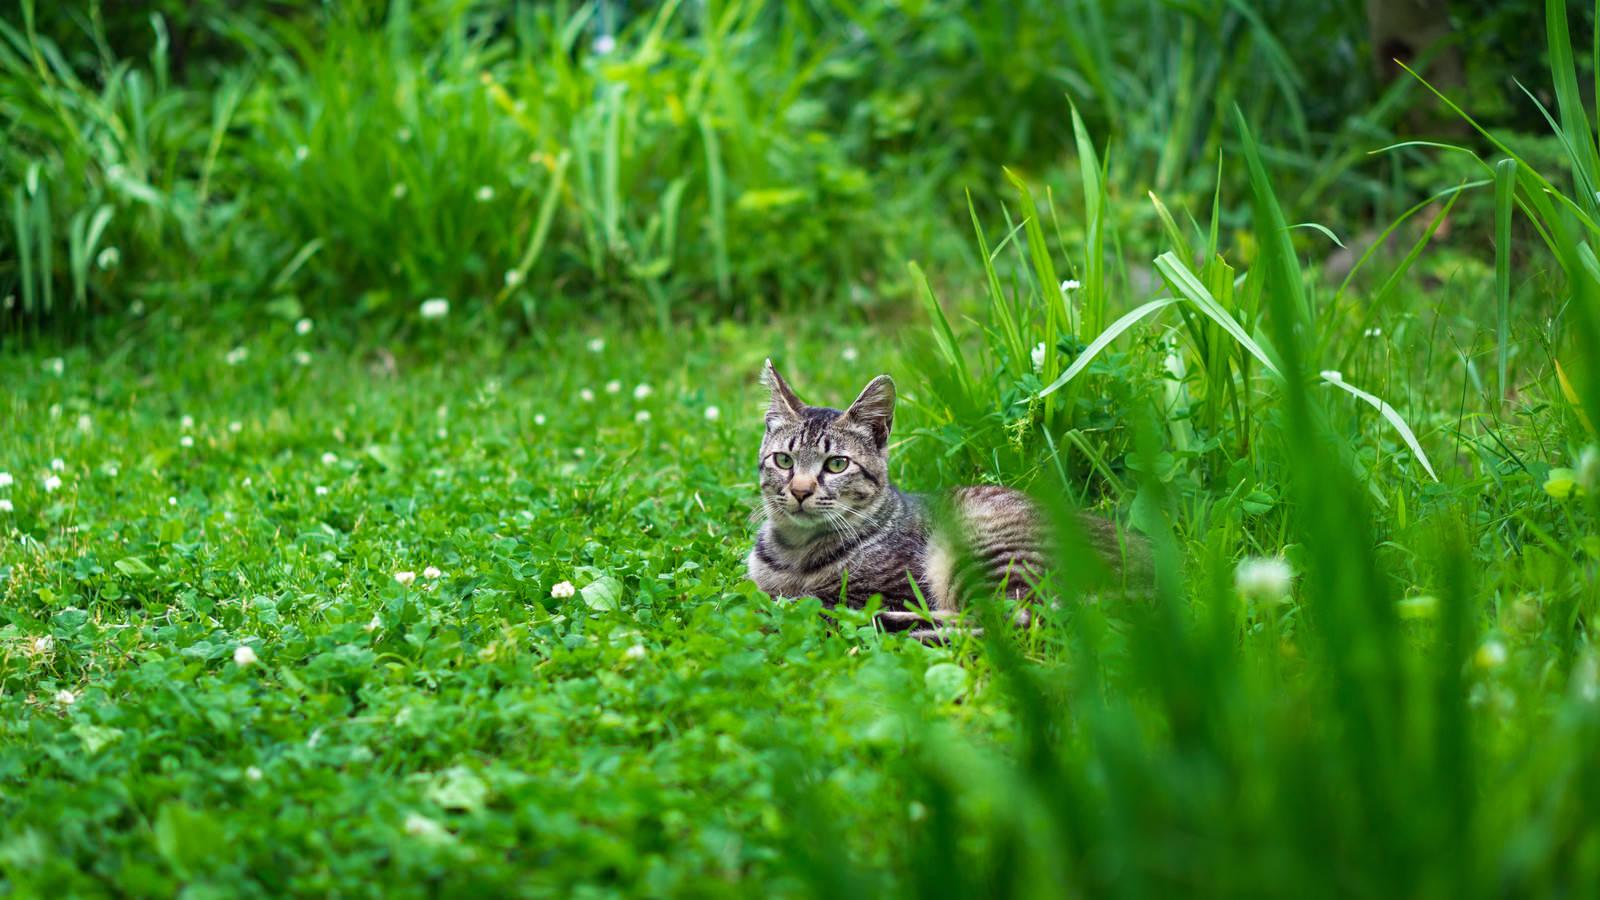 「草むらで日向ぼっこするネコ氏」の写真